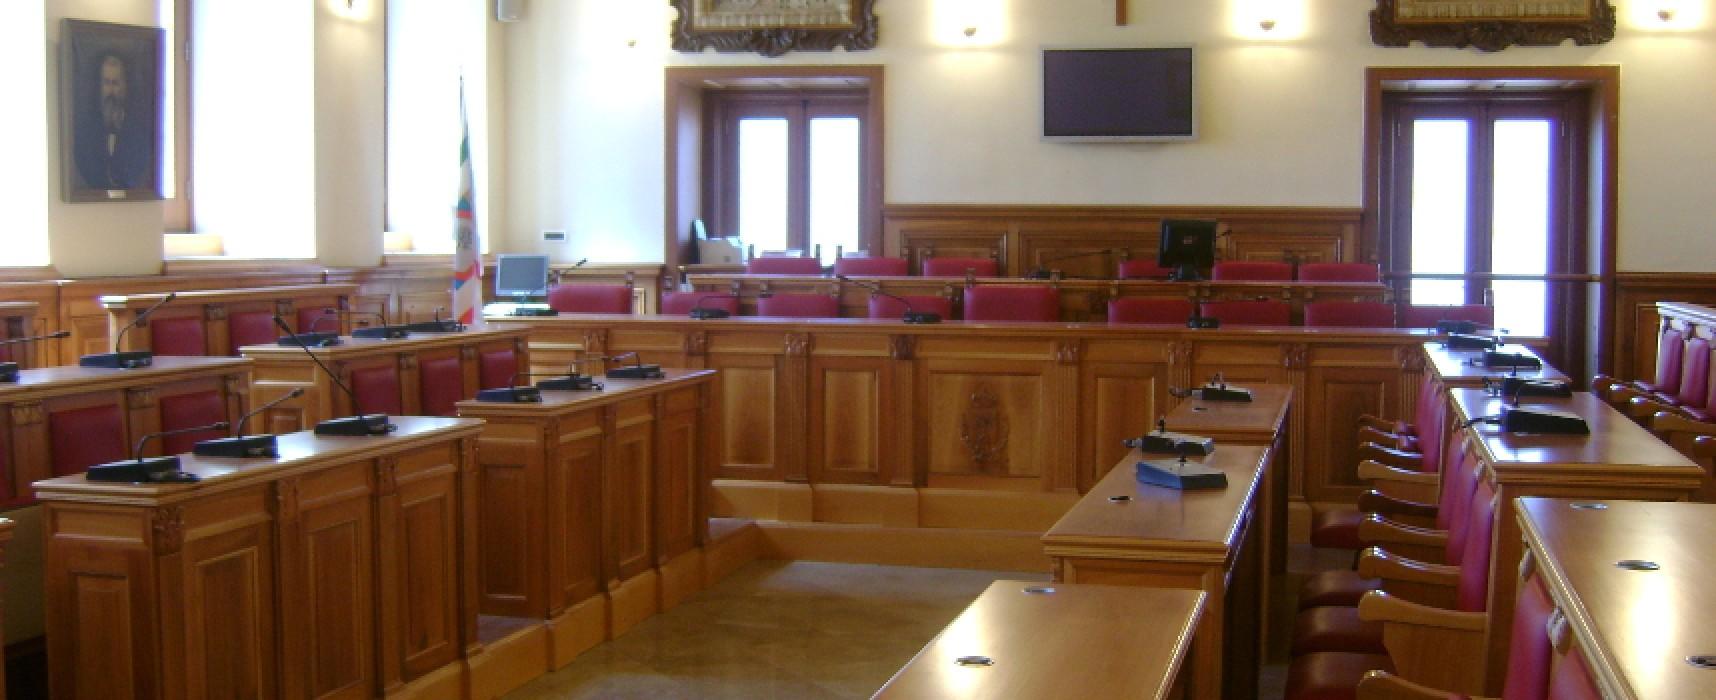 Torna agibile la sala consiliare di Palazzo san Domenico